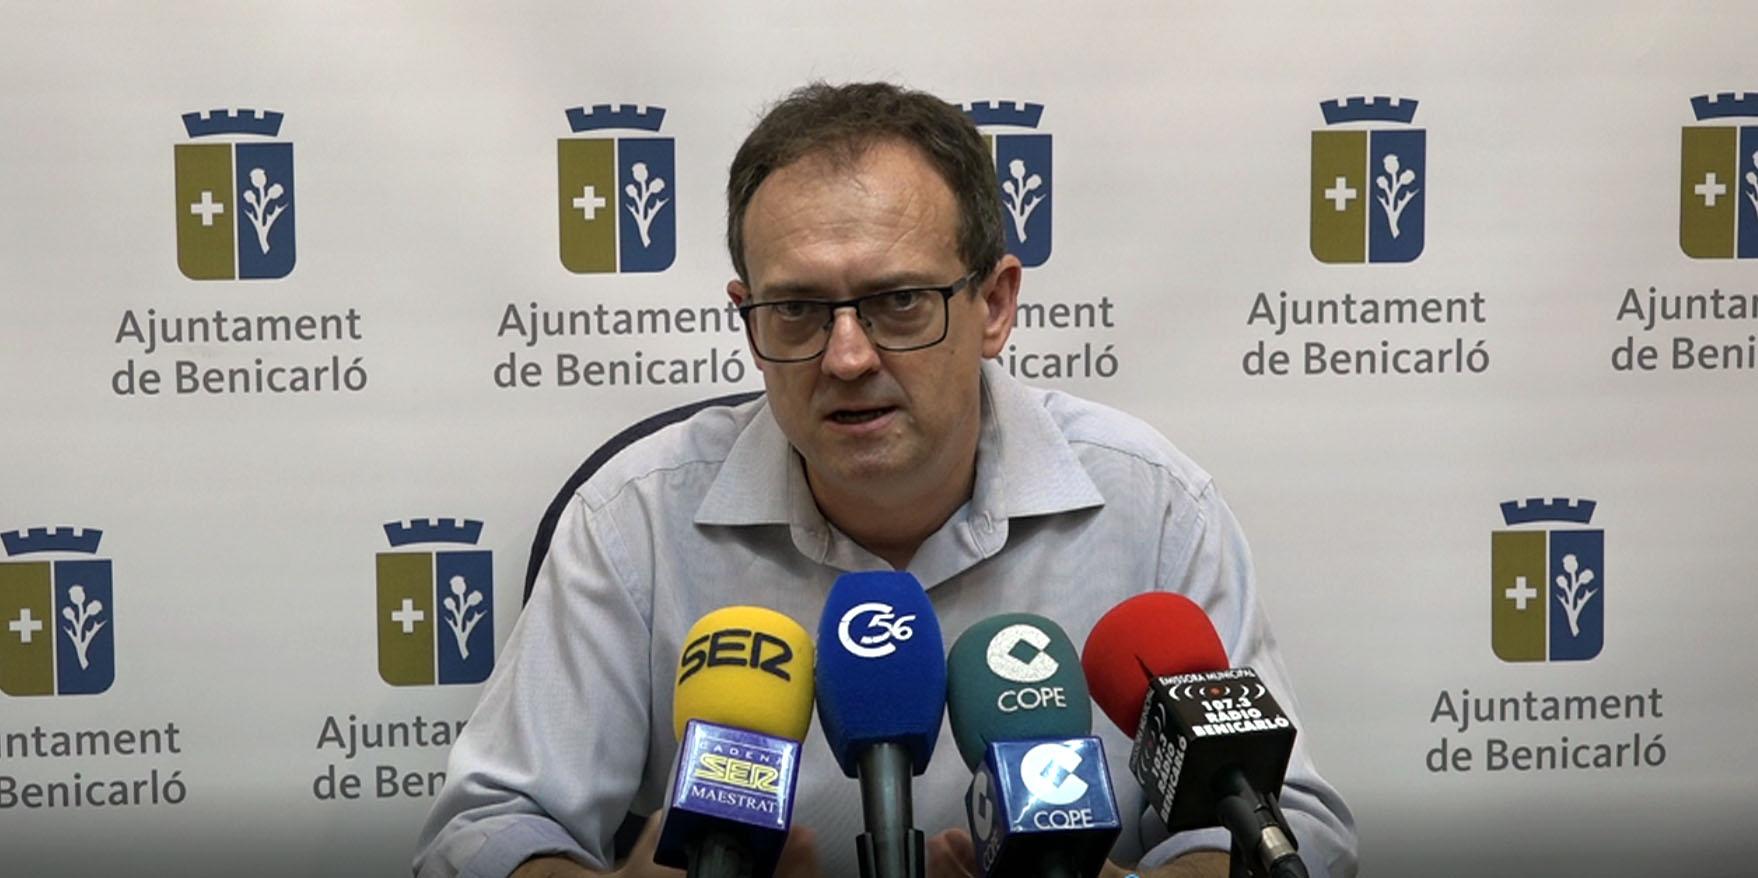 Benicarló engegarà dos tallers d'ocupació adreçats a veïns aturats de llarga durada i a majors de 30 anys